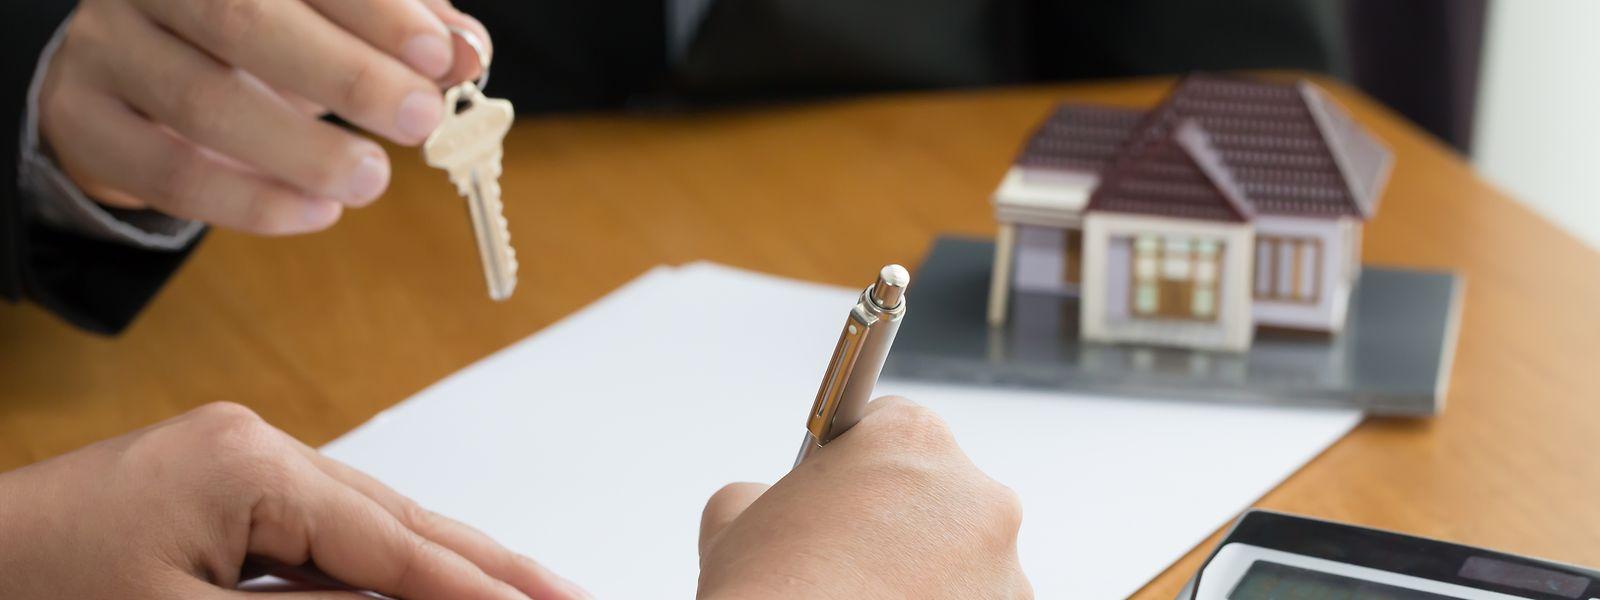 Le prêt à la banque reste le moyen le plus courant de financer son achat immobilier au Luxembourg.